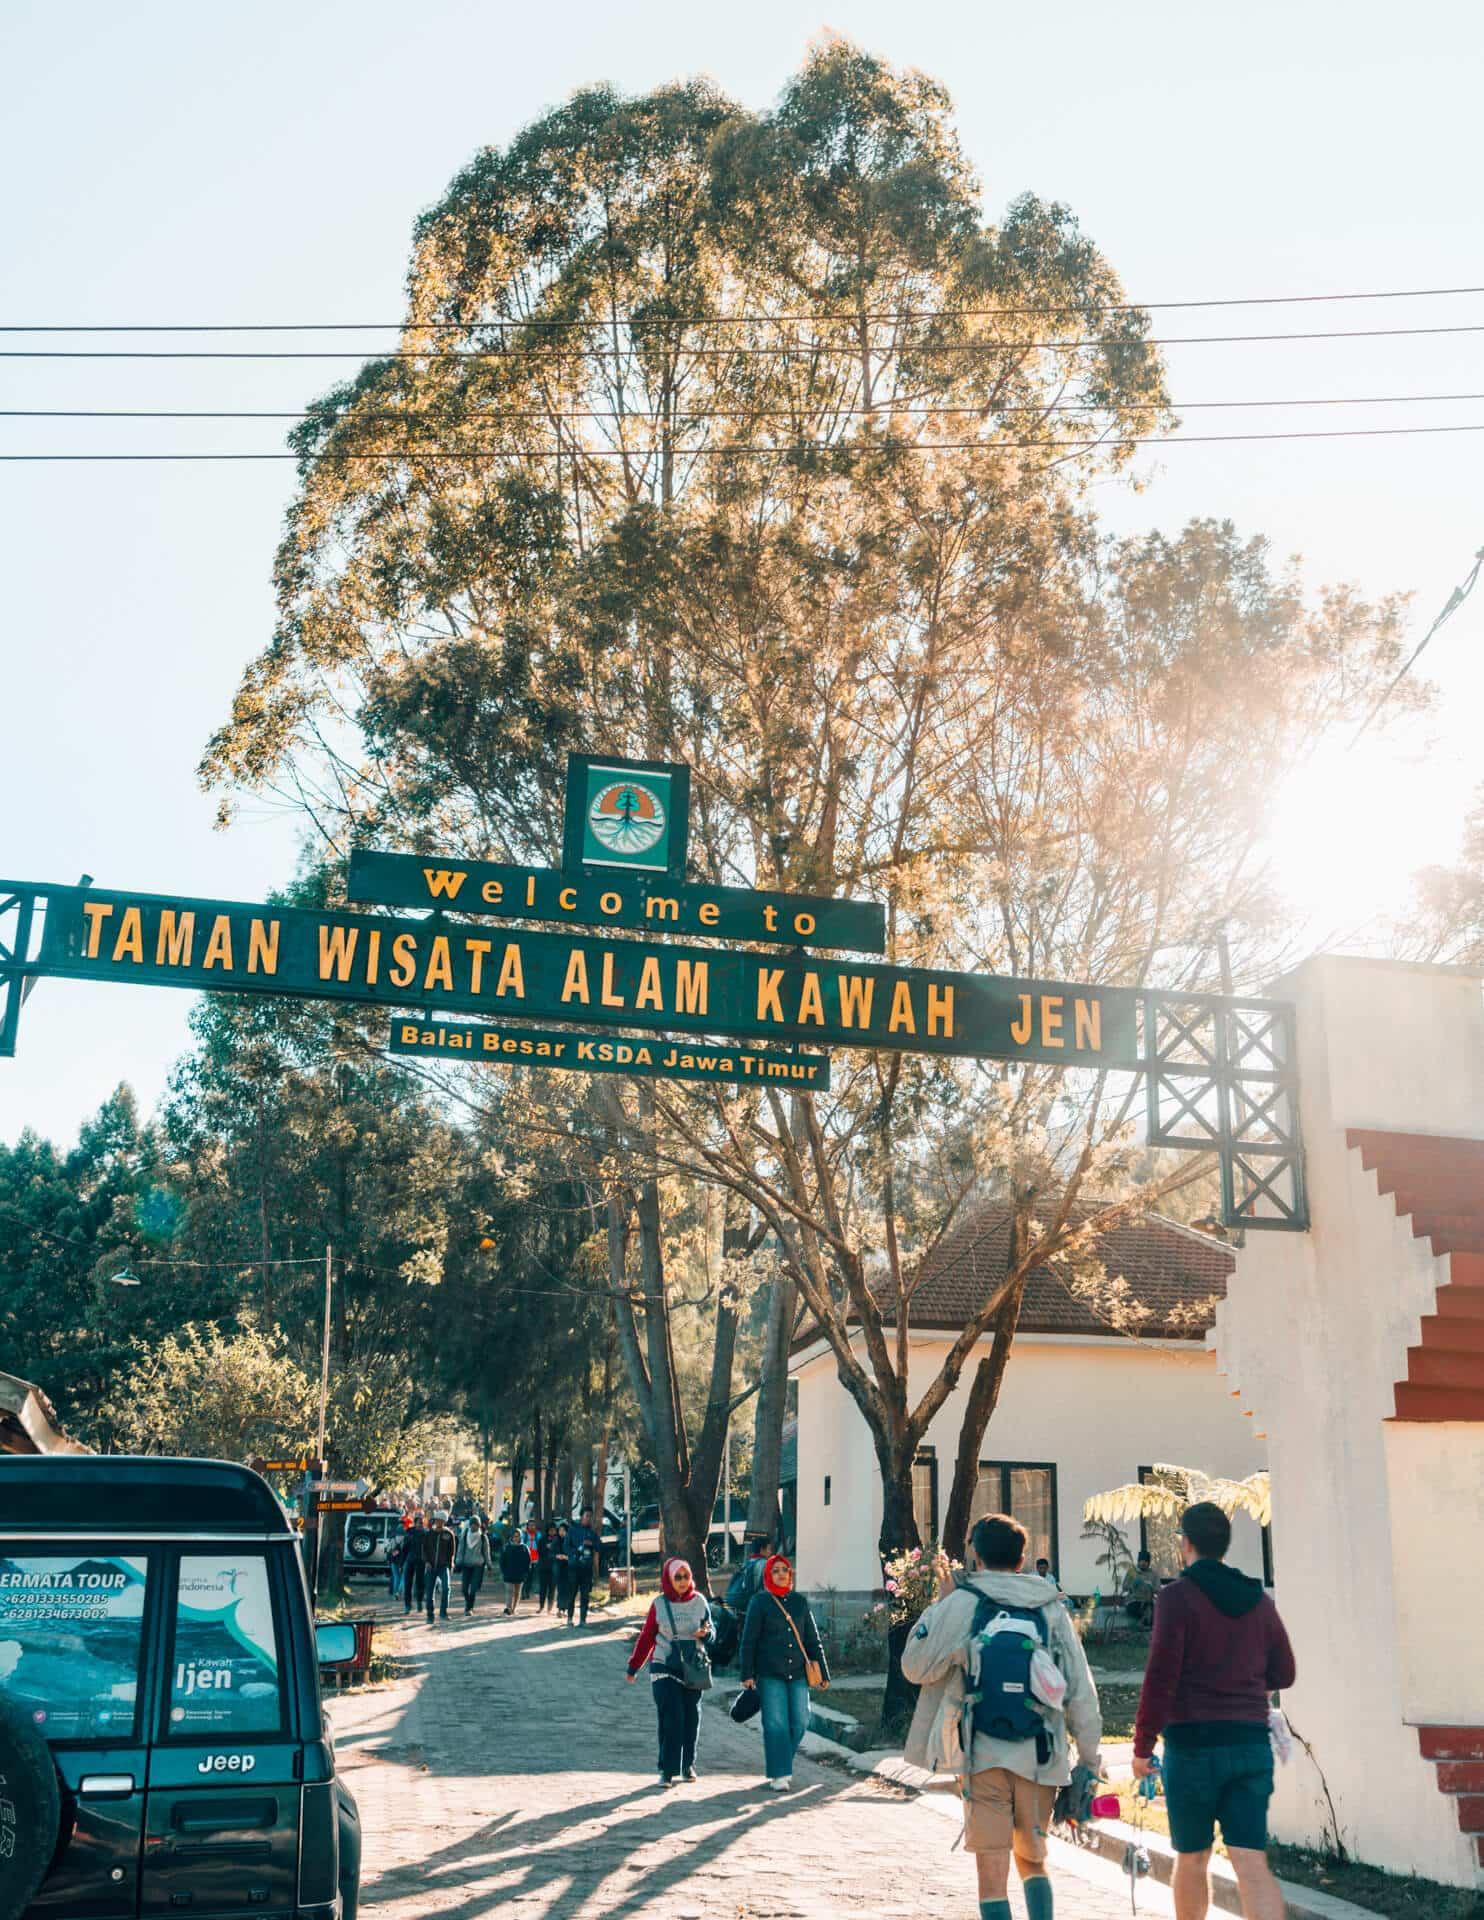 visit ijen tour entrance